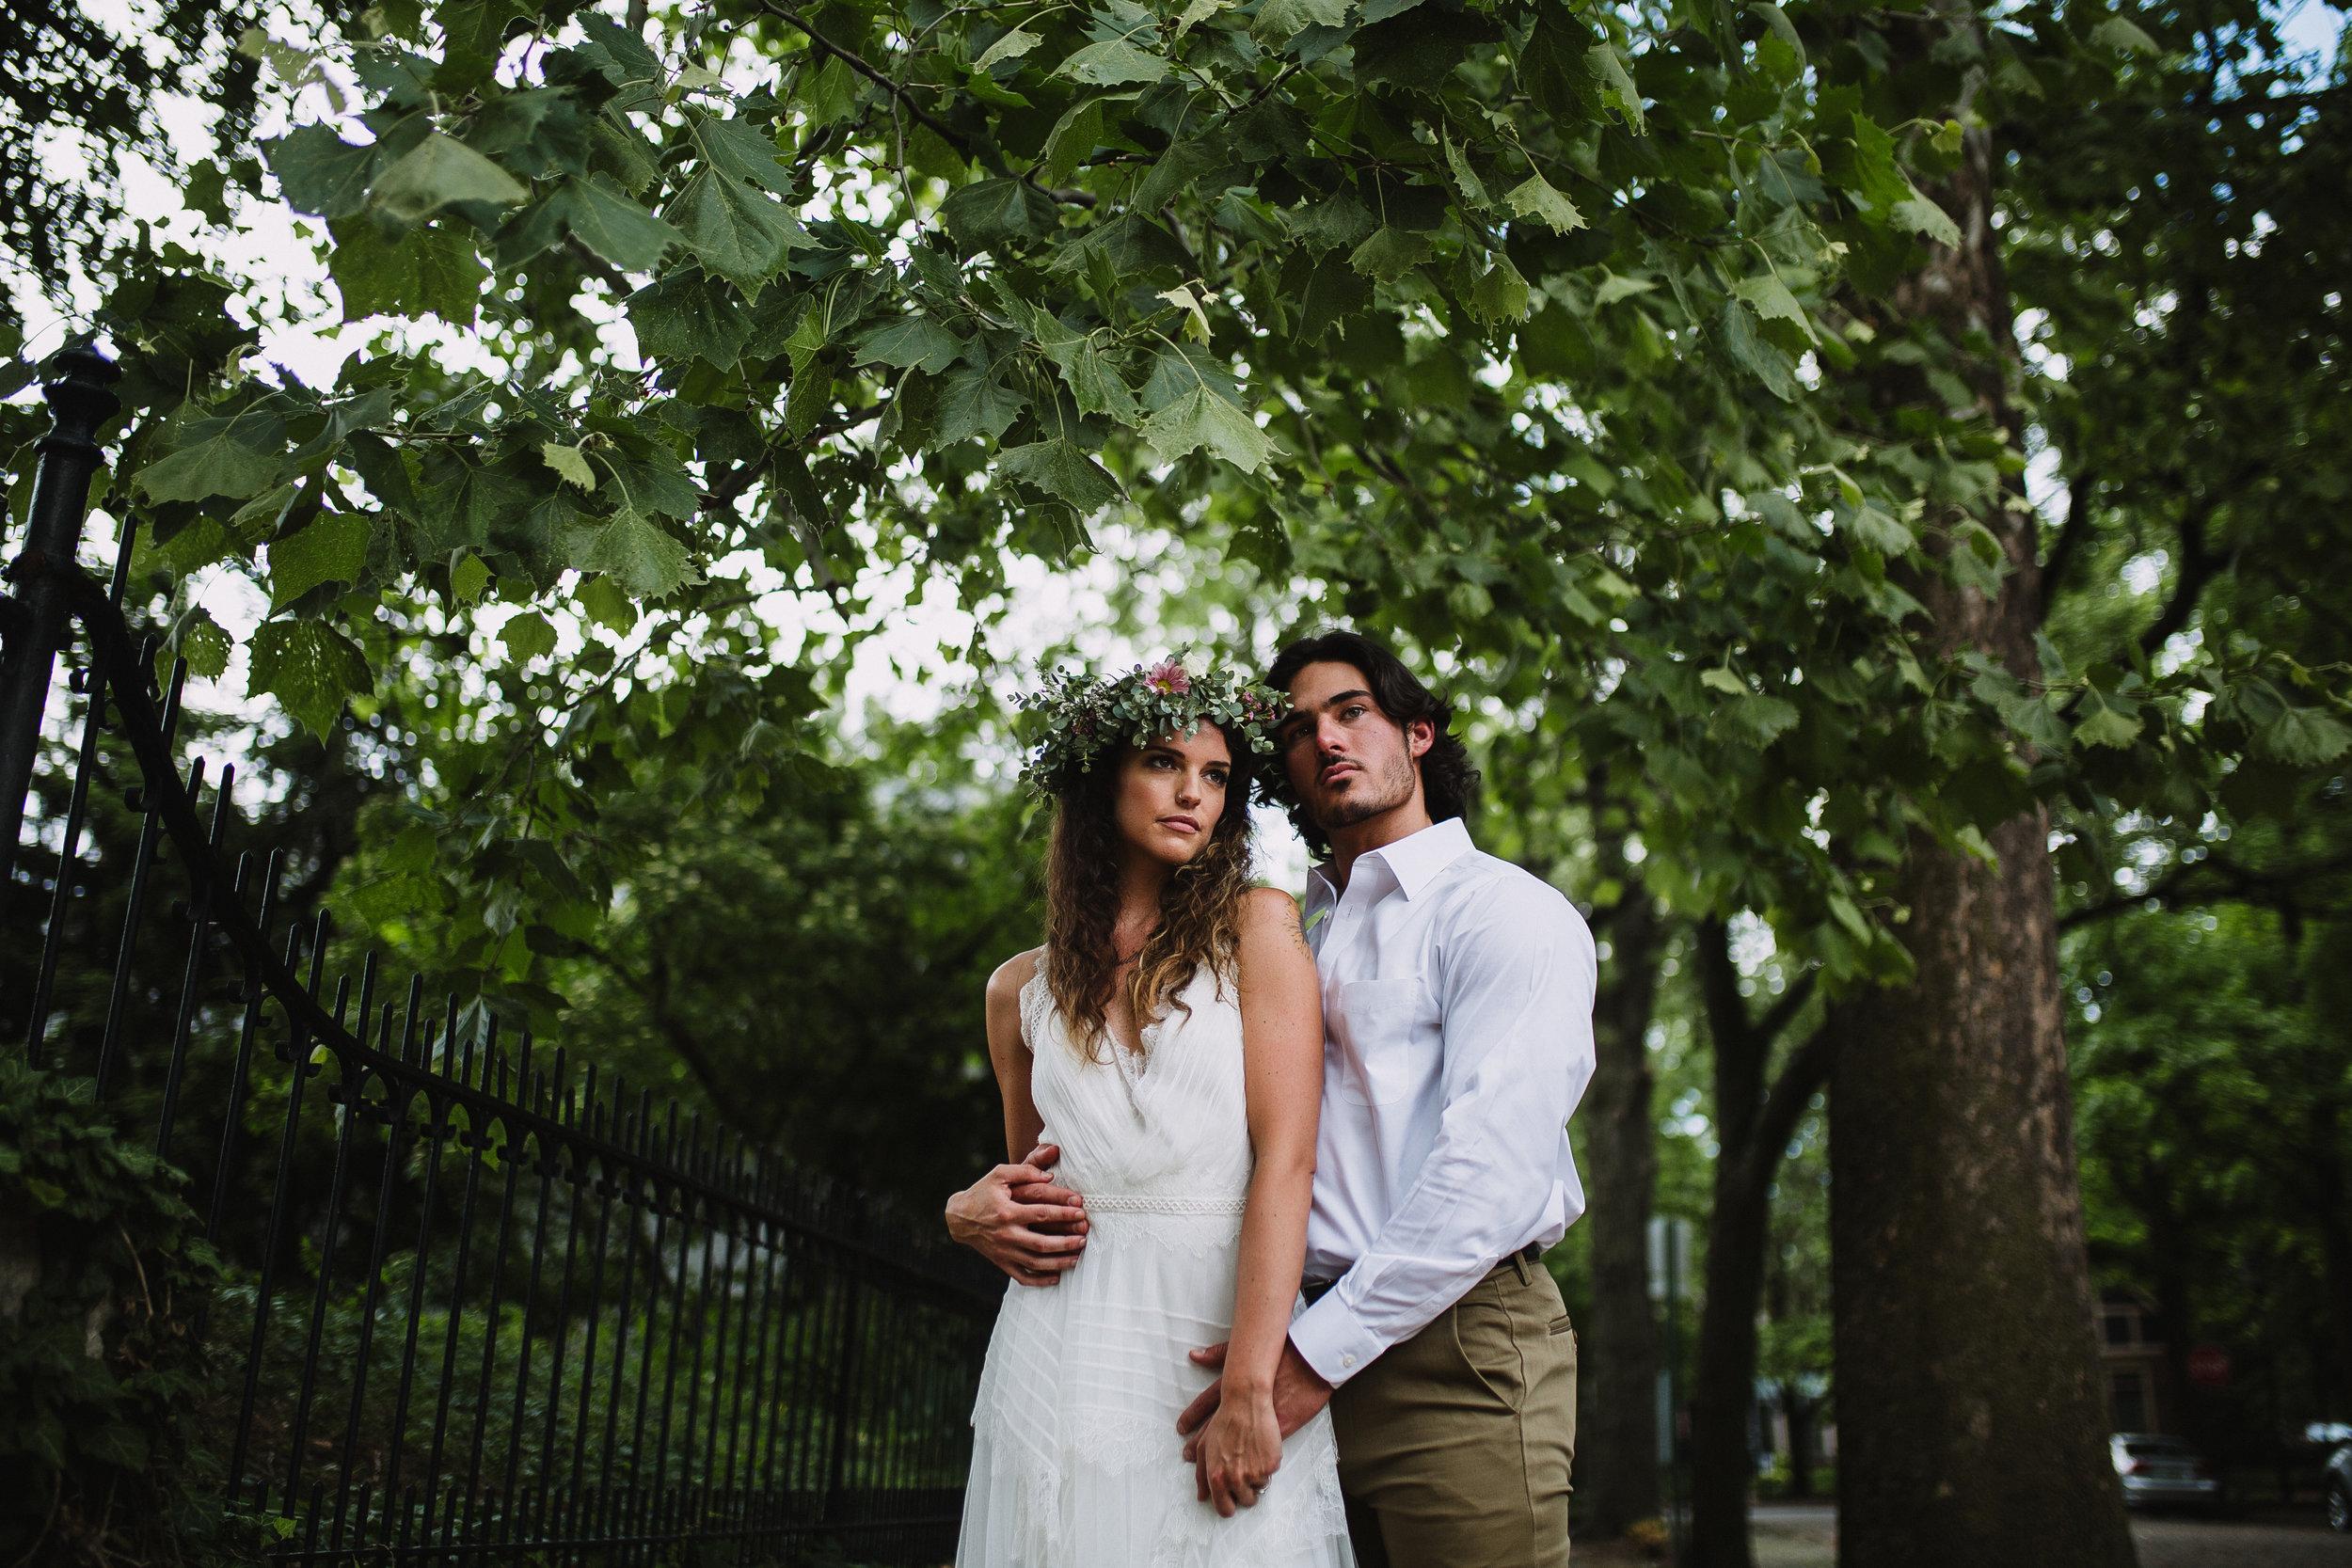 BOHO-WEDDING-PATTERNMAGAZINE-REAGANLYNNPHOTOGRAPHY-INDIANAPOLIS-INDIANA-2.jpg